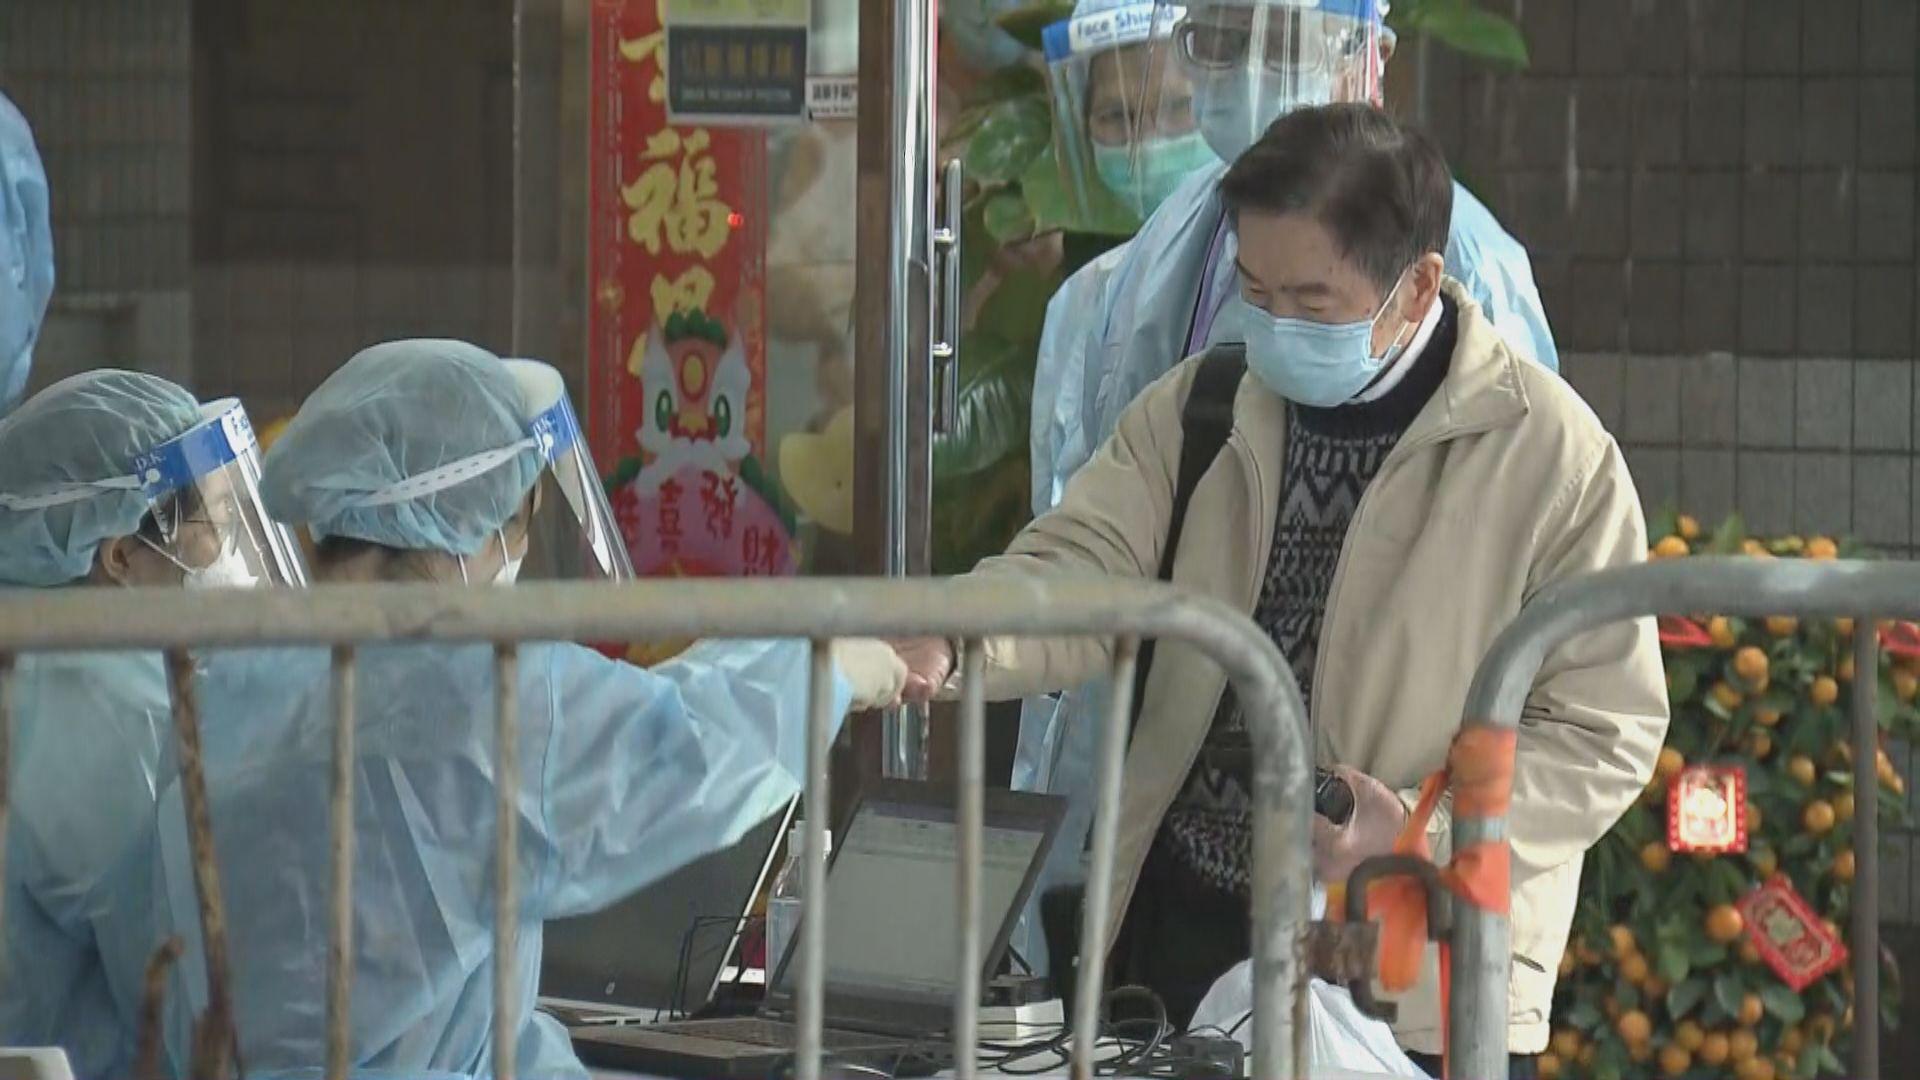 麗港城460人接受檢測零確診 有居民質疑擾民